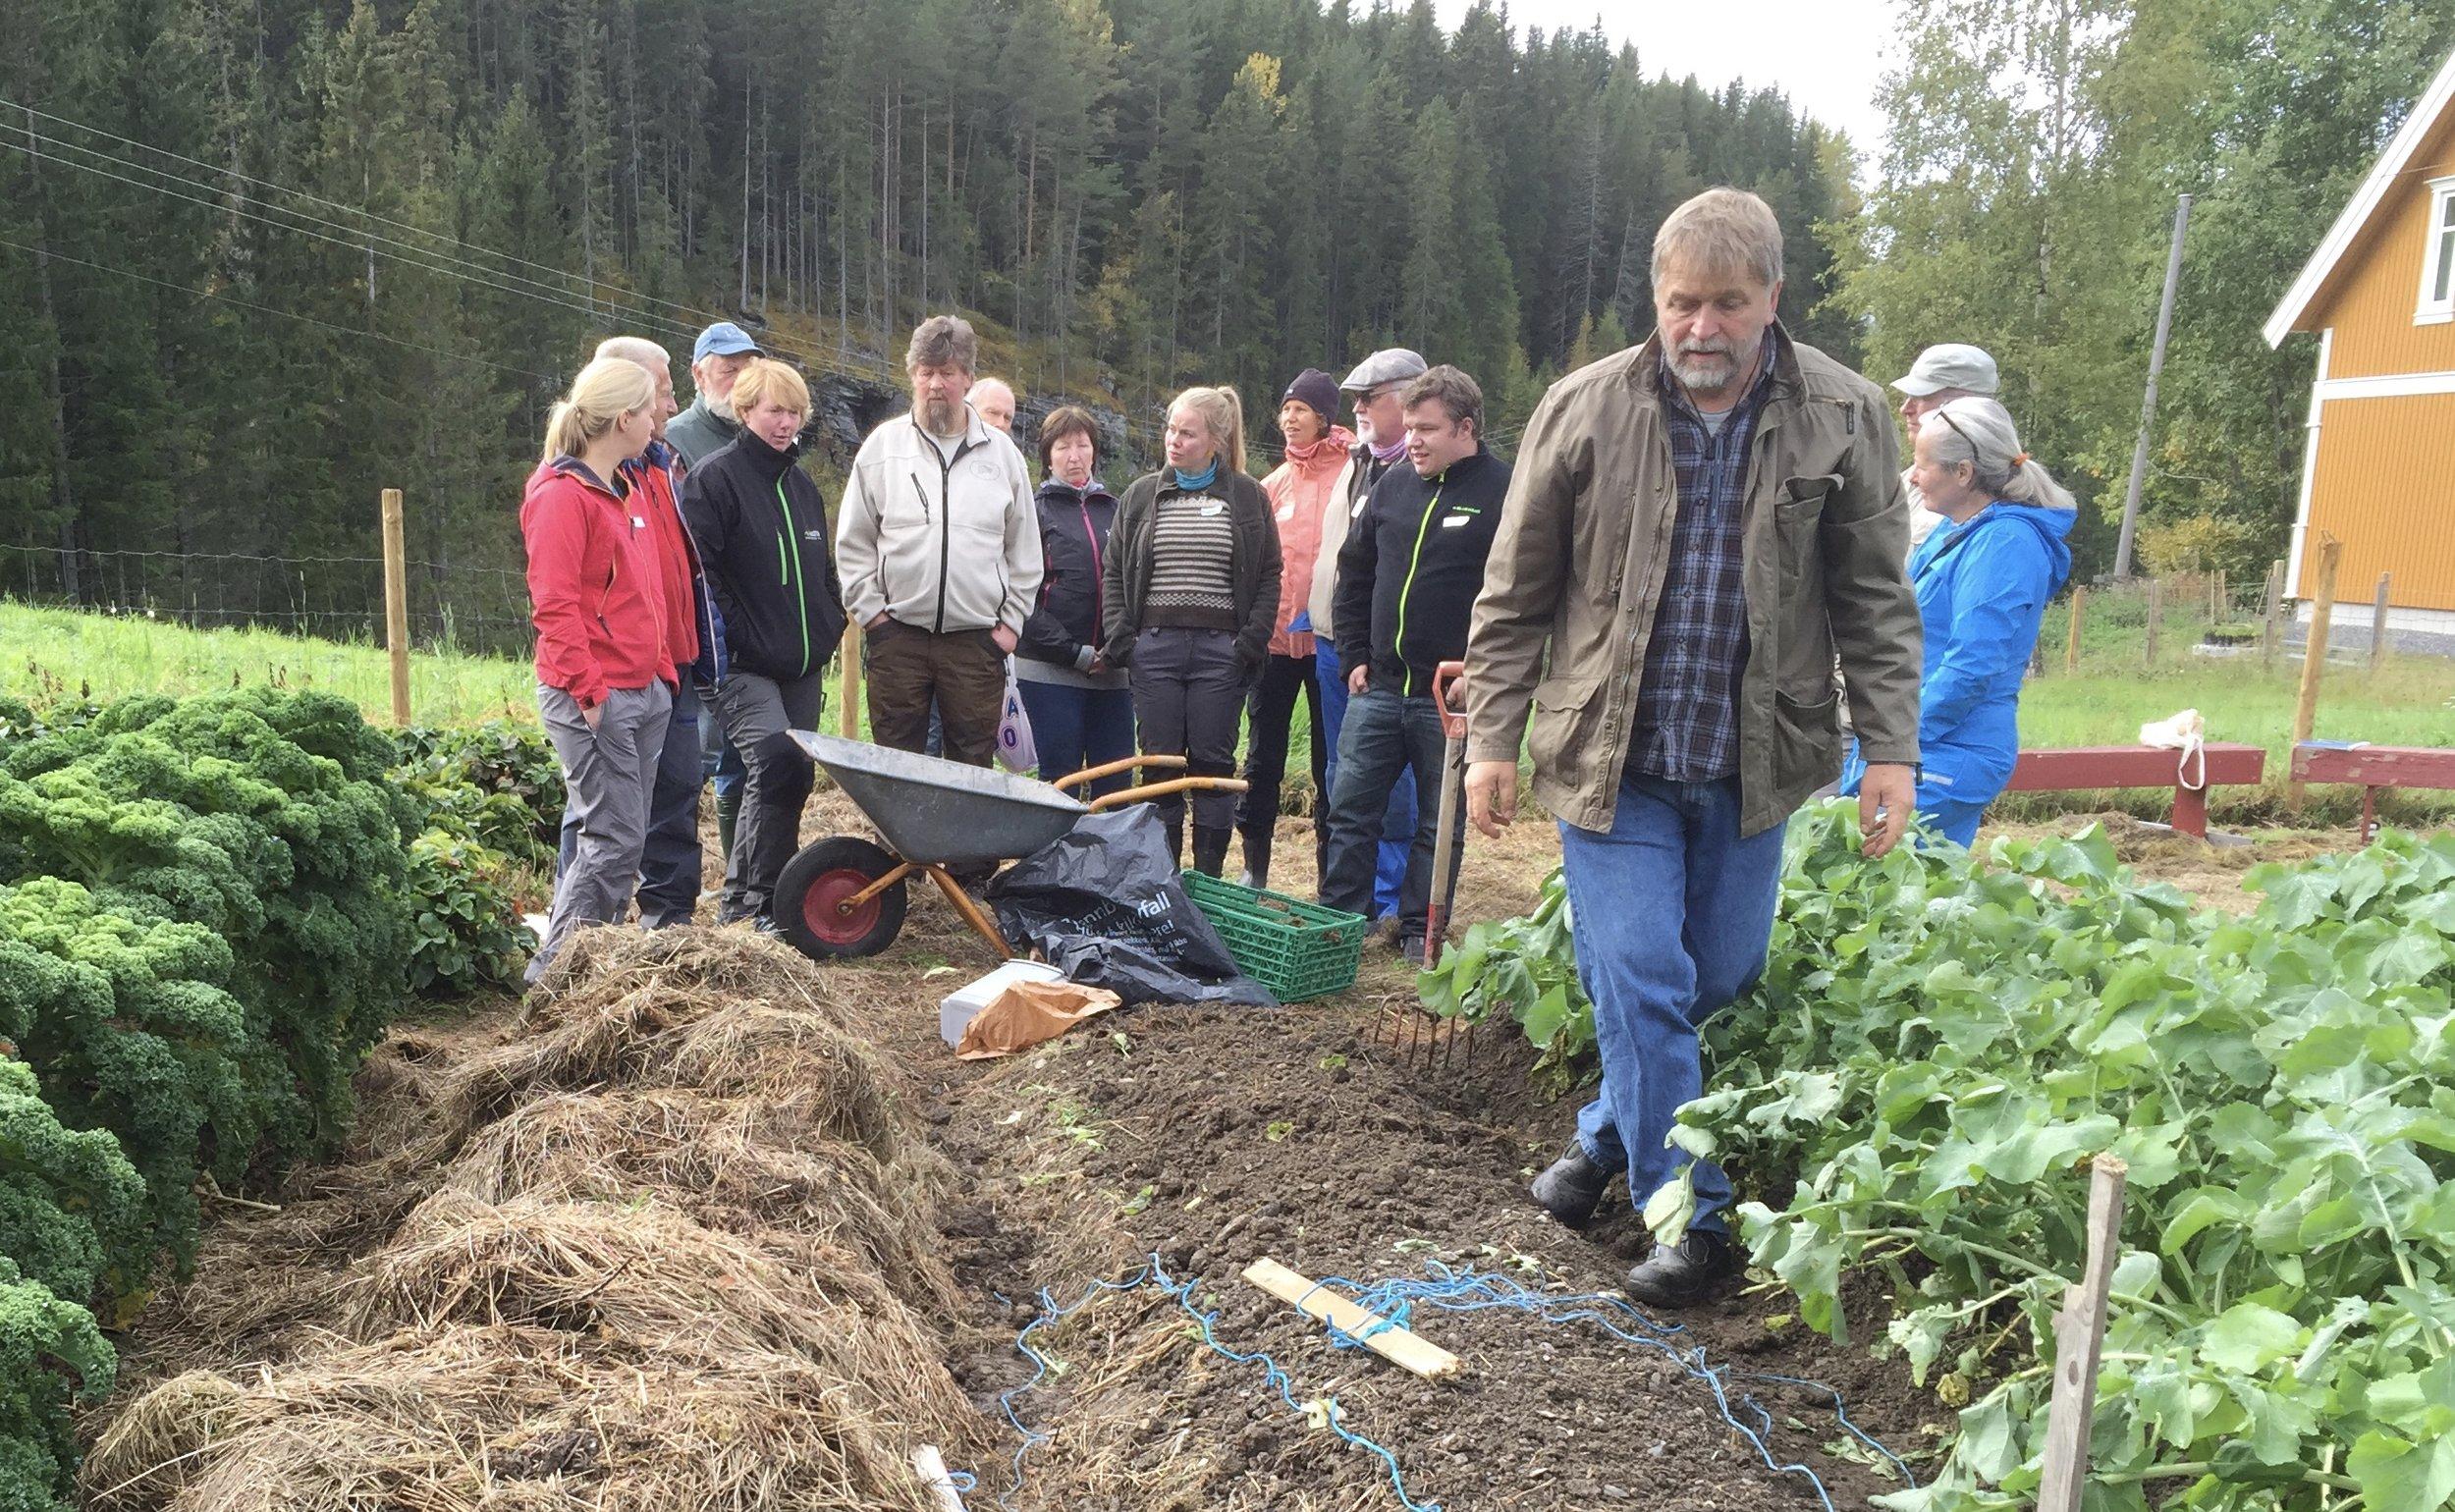 Kurset bygger på demonstrasjoner og håndfast kunnskap om praktisk dyrking